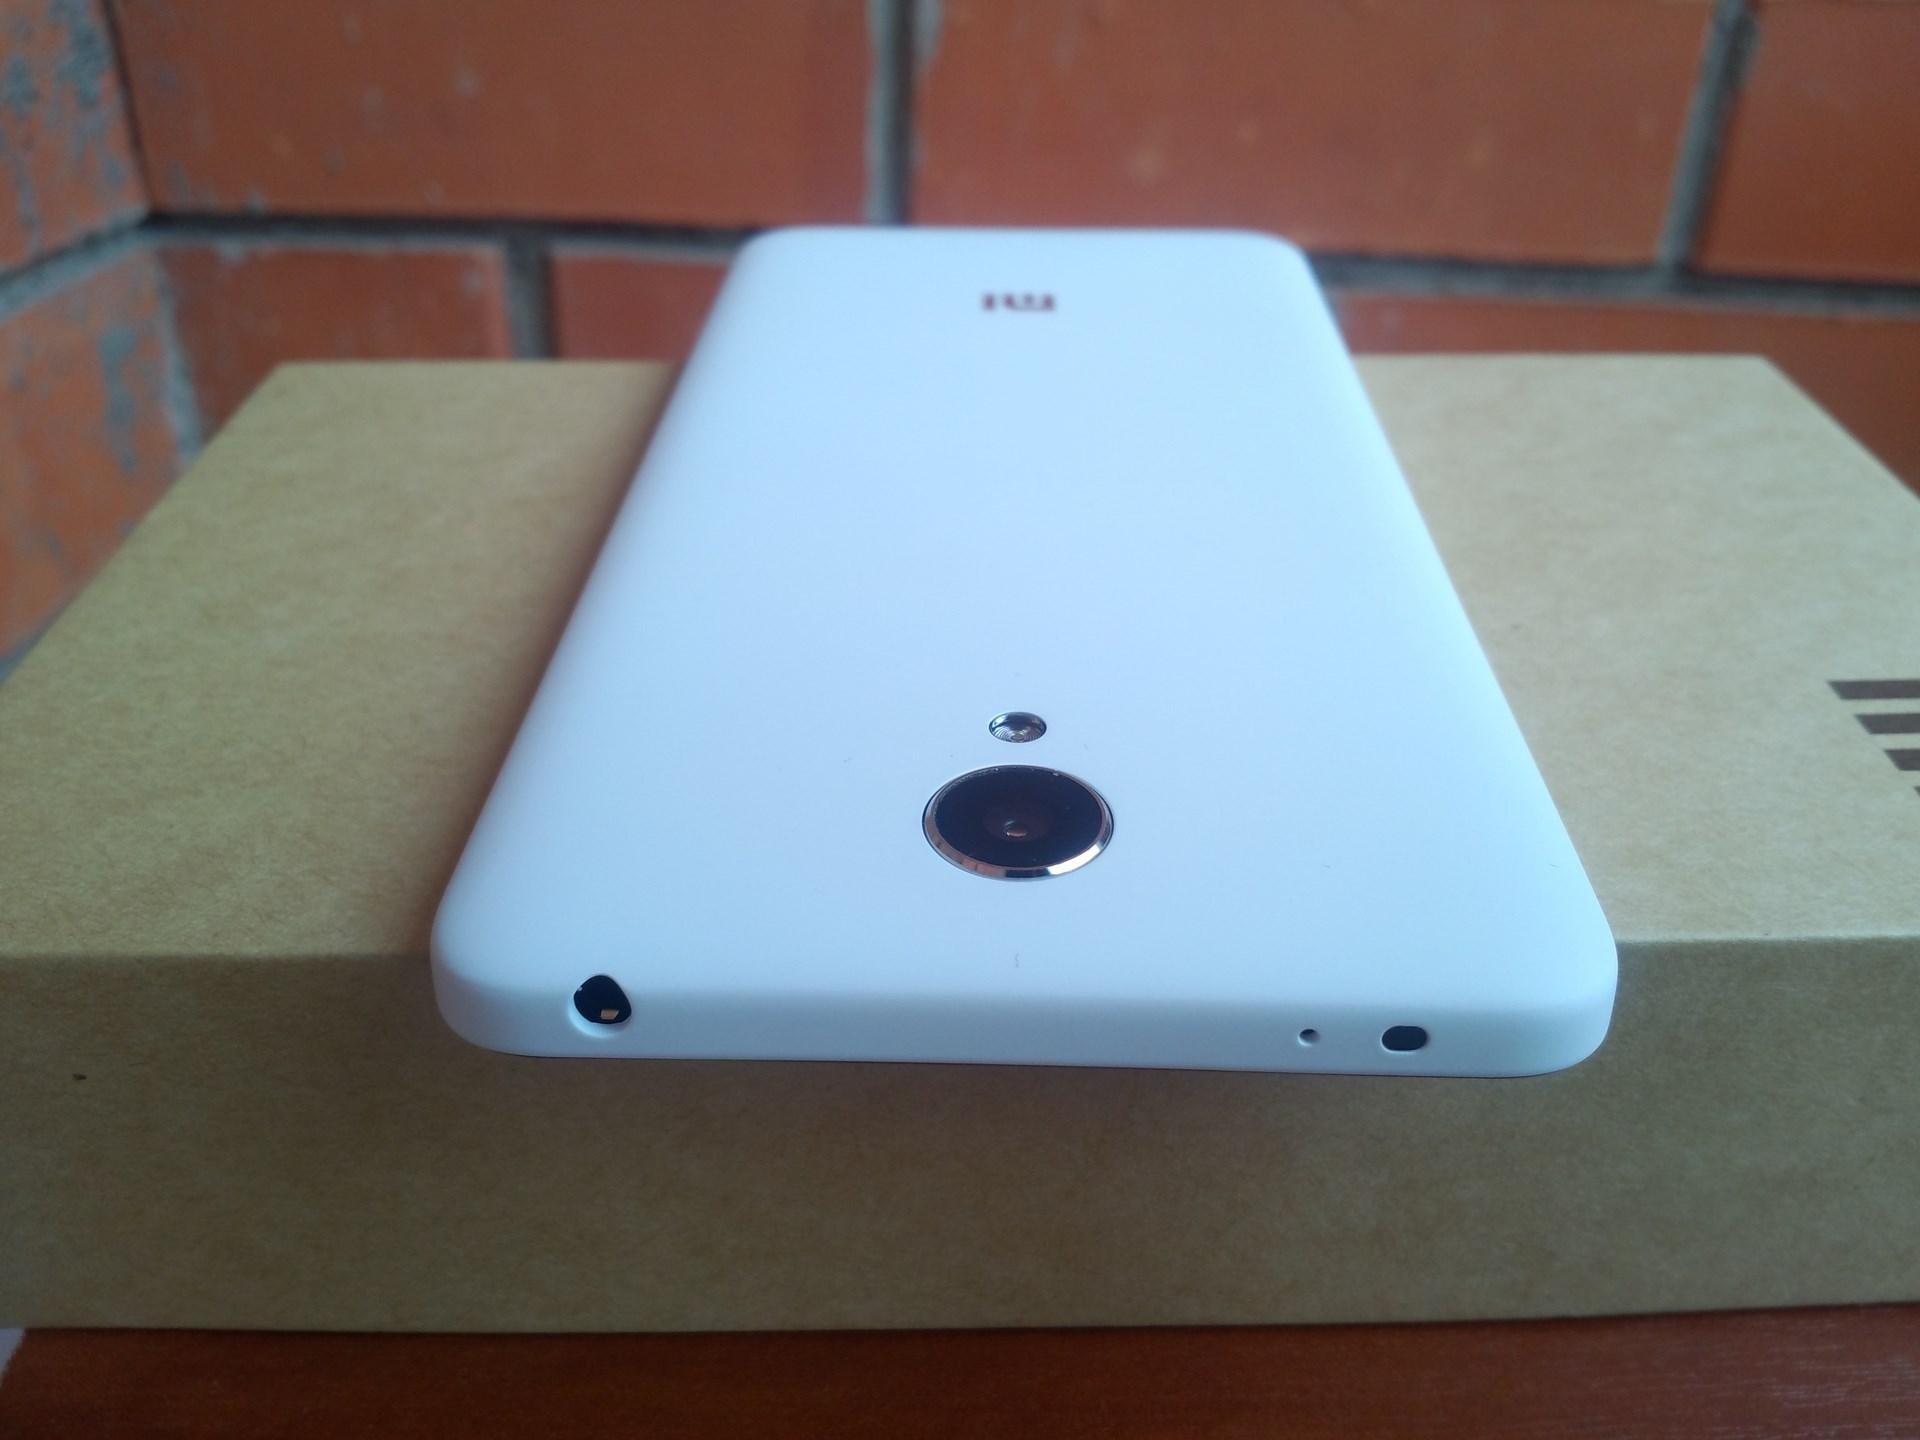 Обзор лучшего бюджетника 2015 года — Xiaomi Redmi Note 2 - 7